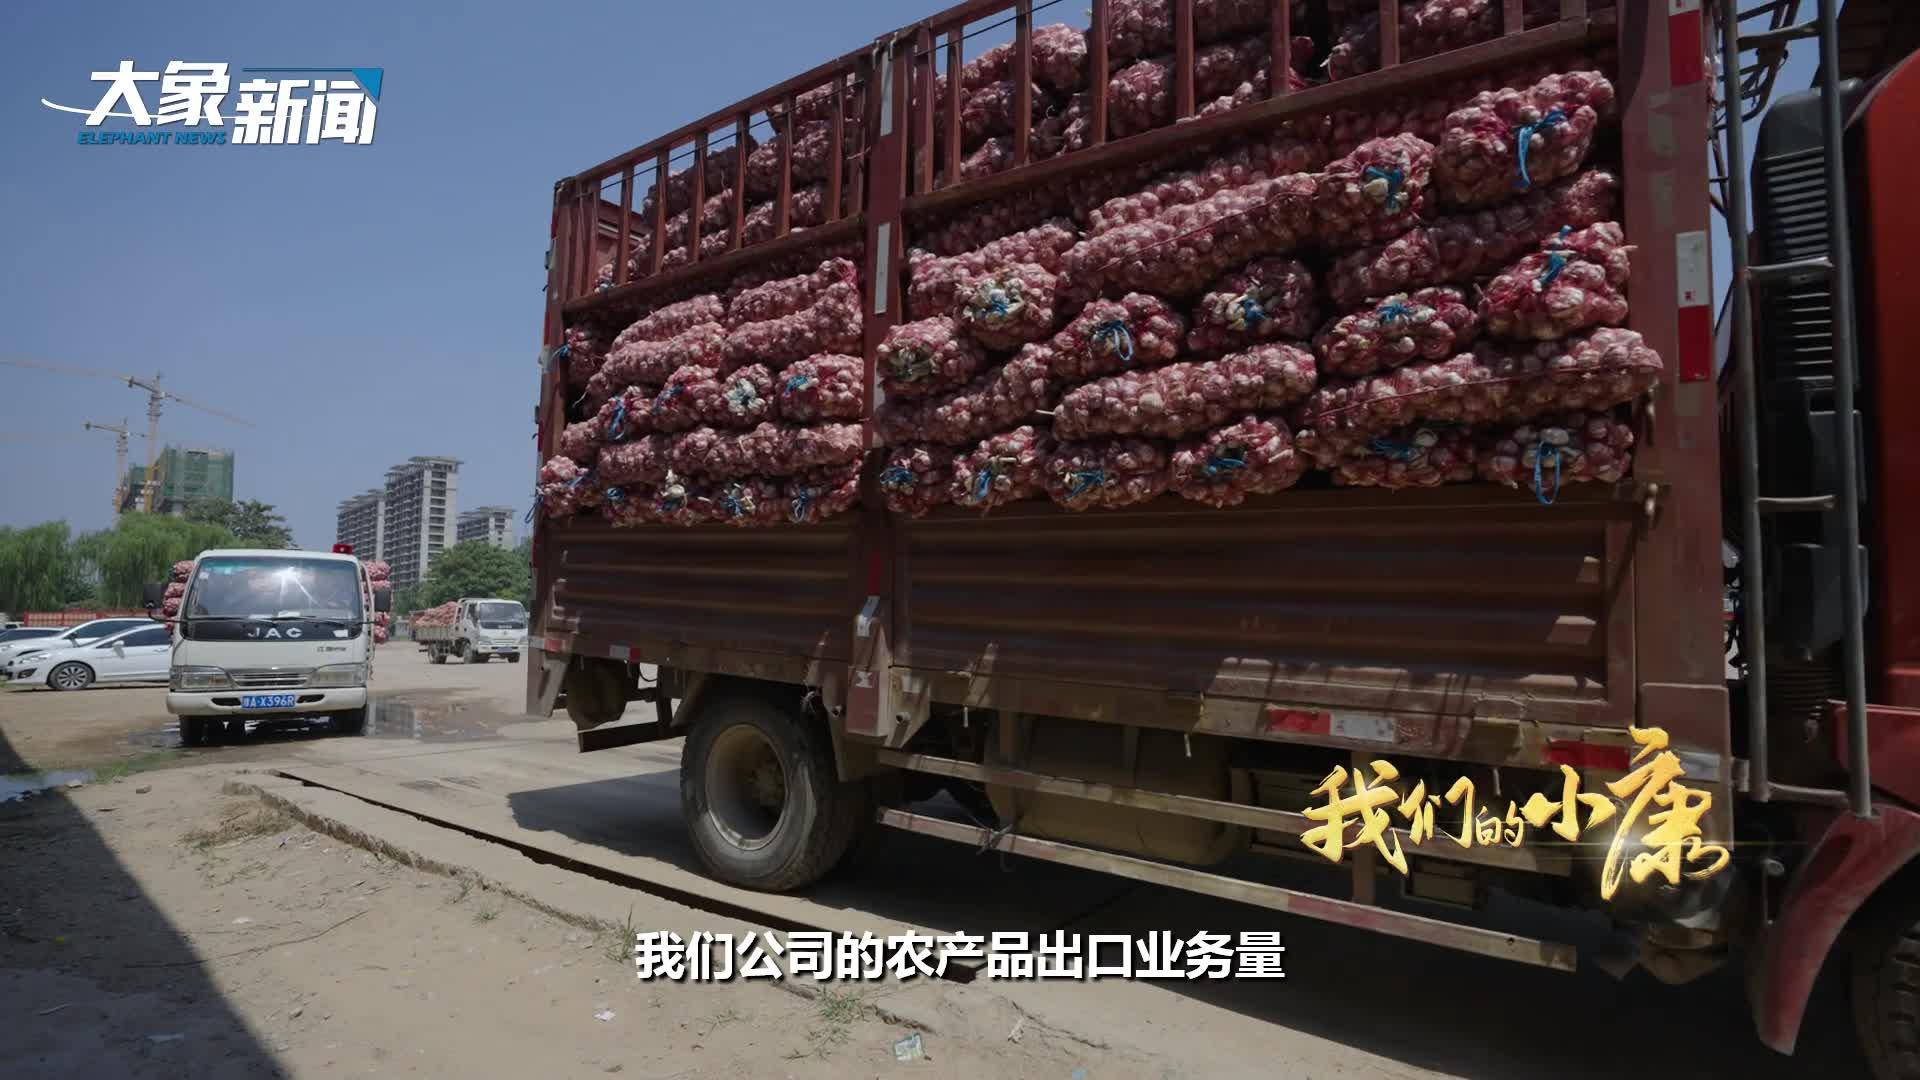 【我们的小康】我把河南大蒜卖到了中东